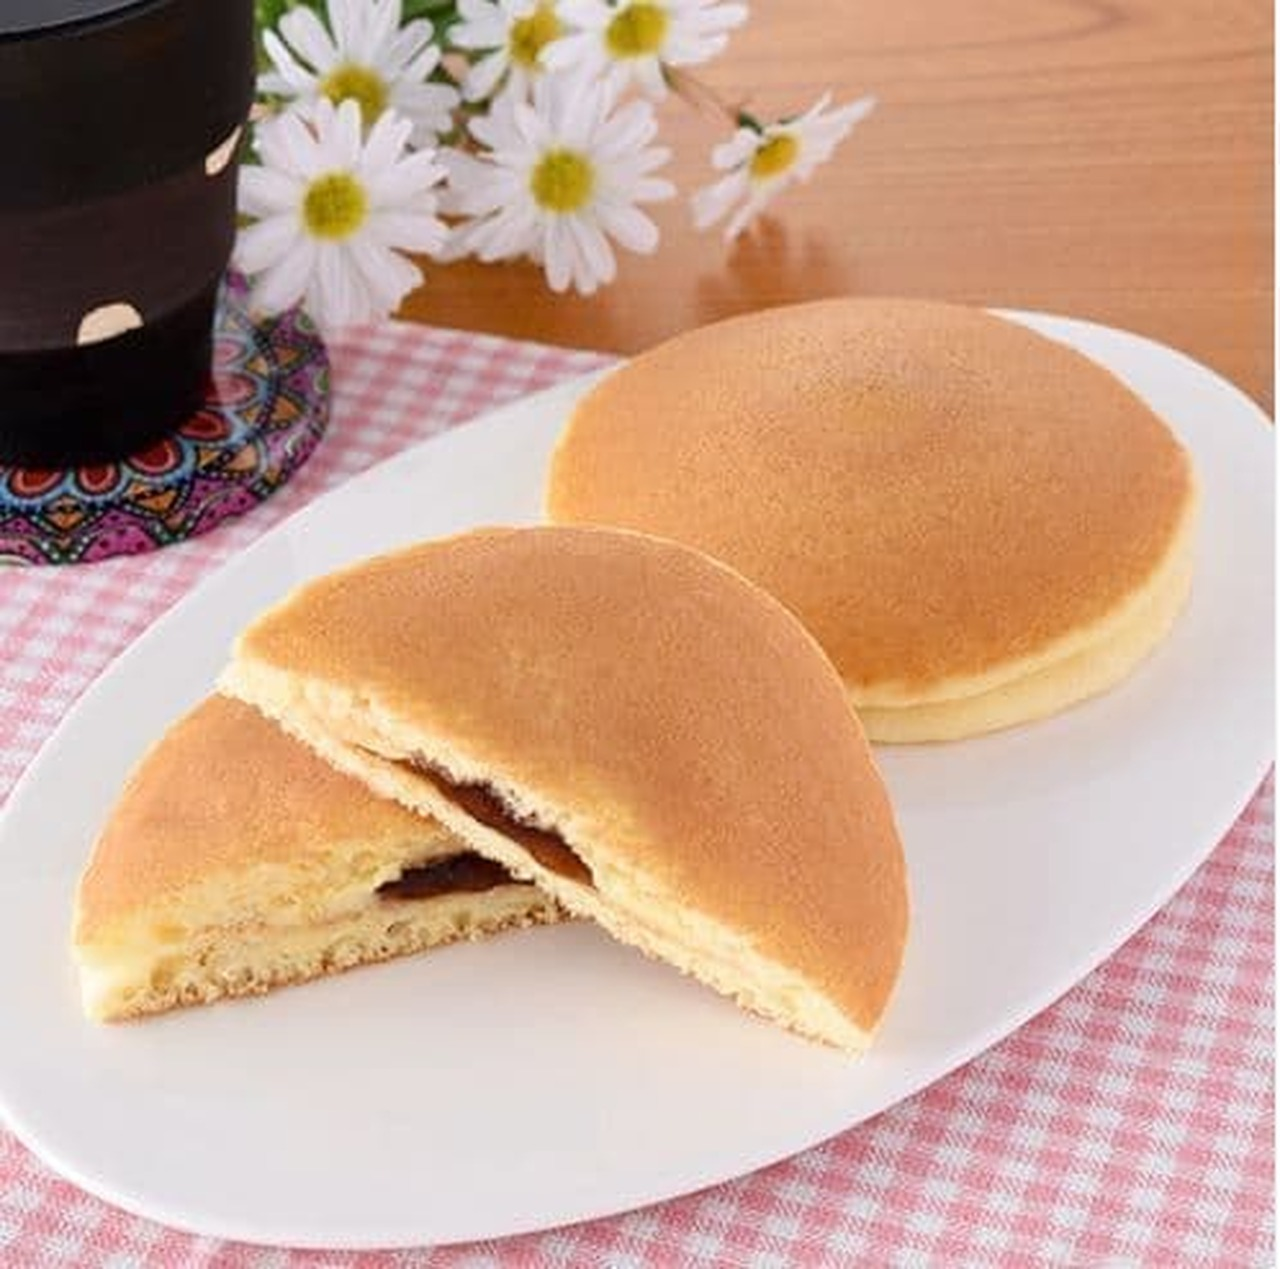 ファミリーマート「ふんわりおいしい!ホットケーキ(メープル&マーガリン)」